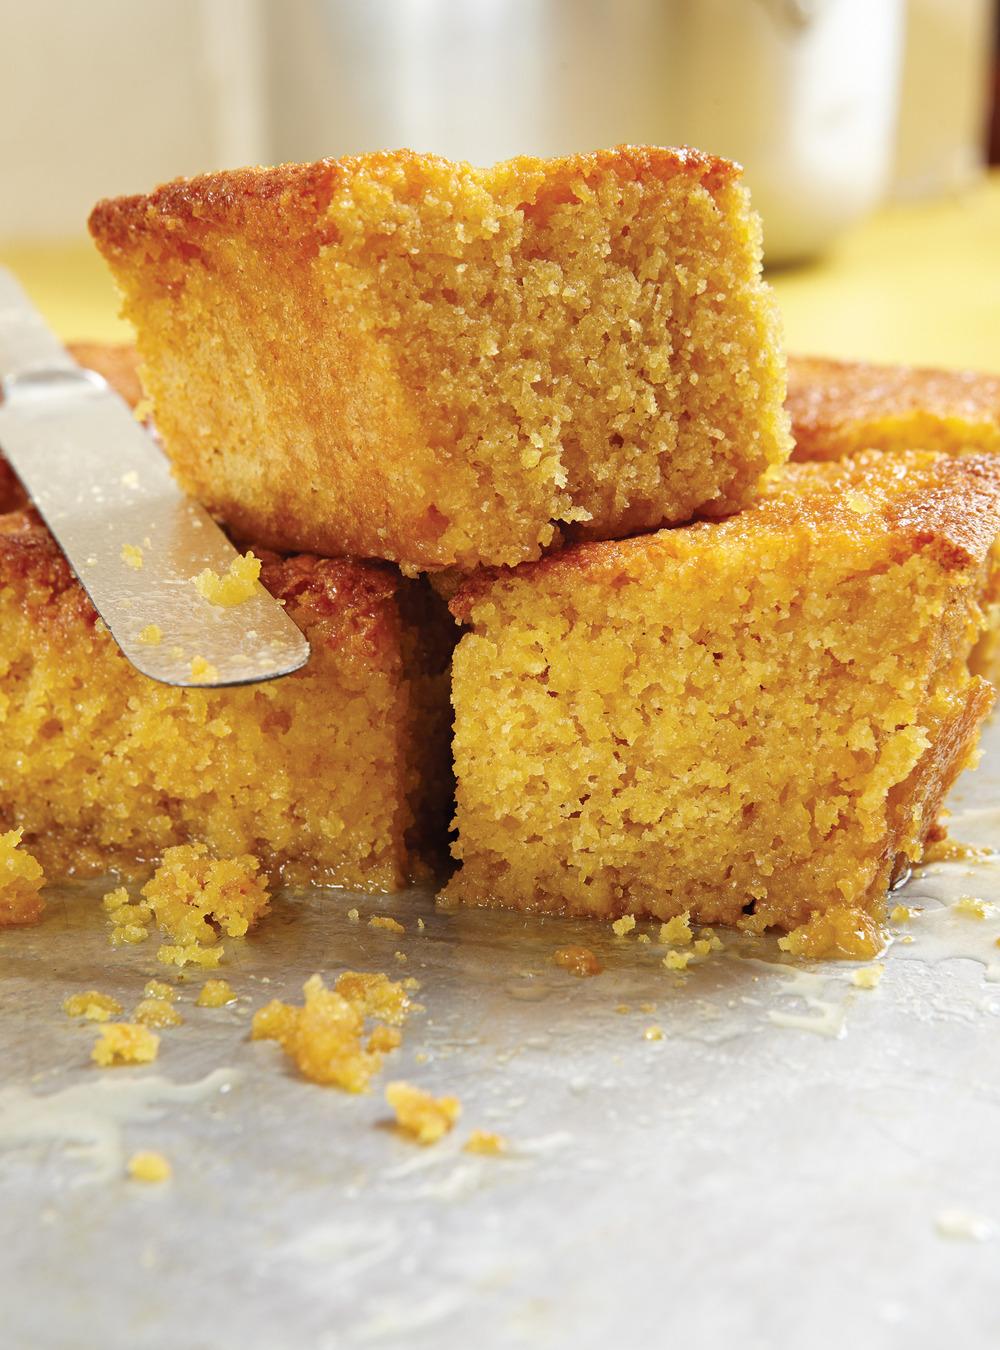 recette muffins de millet au miel toutes les recettes allrecipes recette. Black Bedroom Furniture Sets. Home Design Ideas